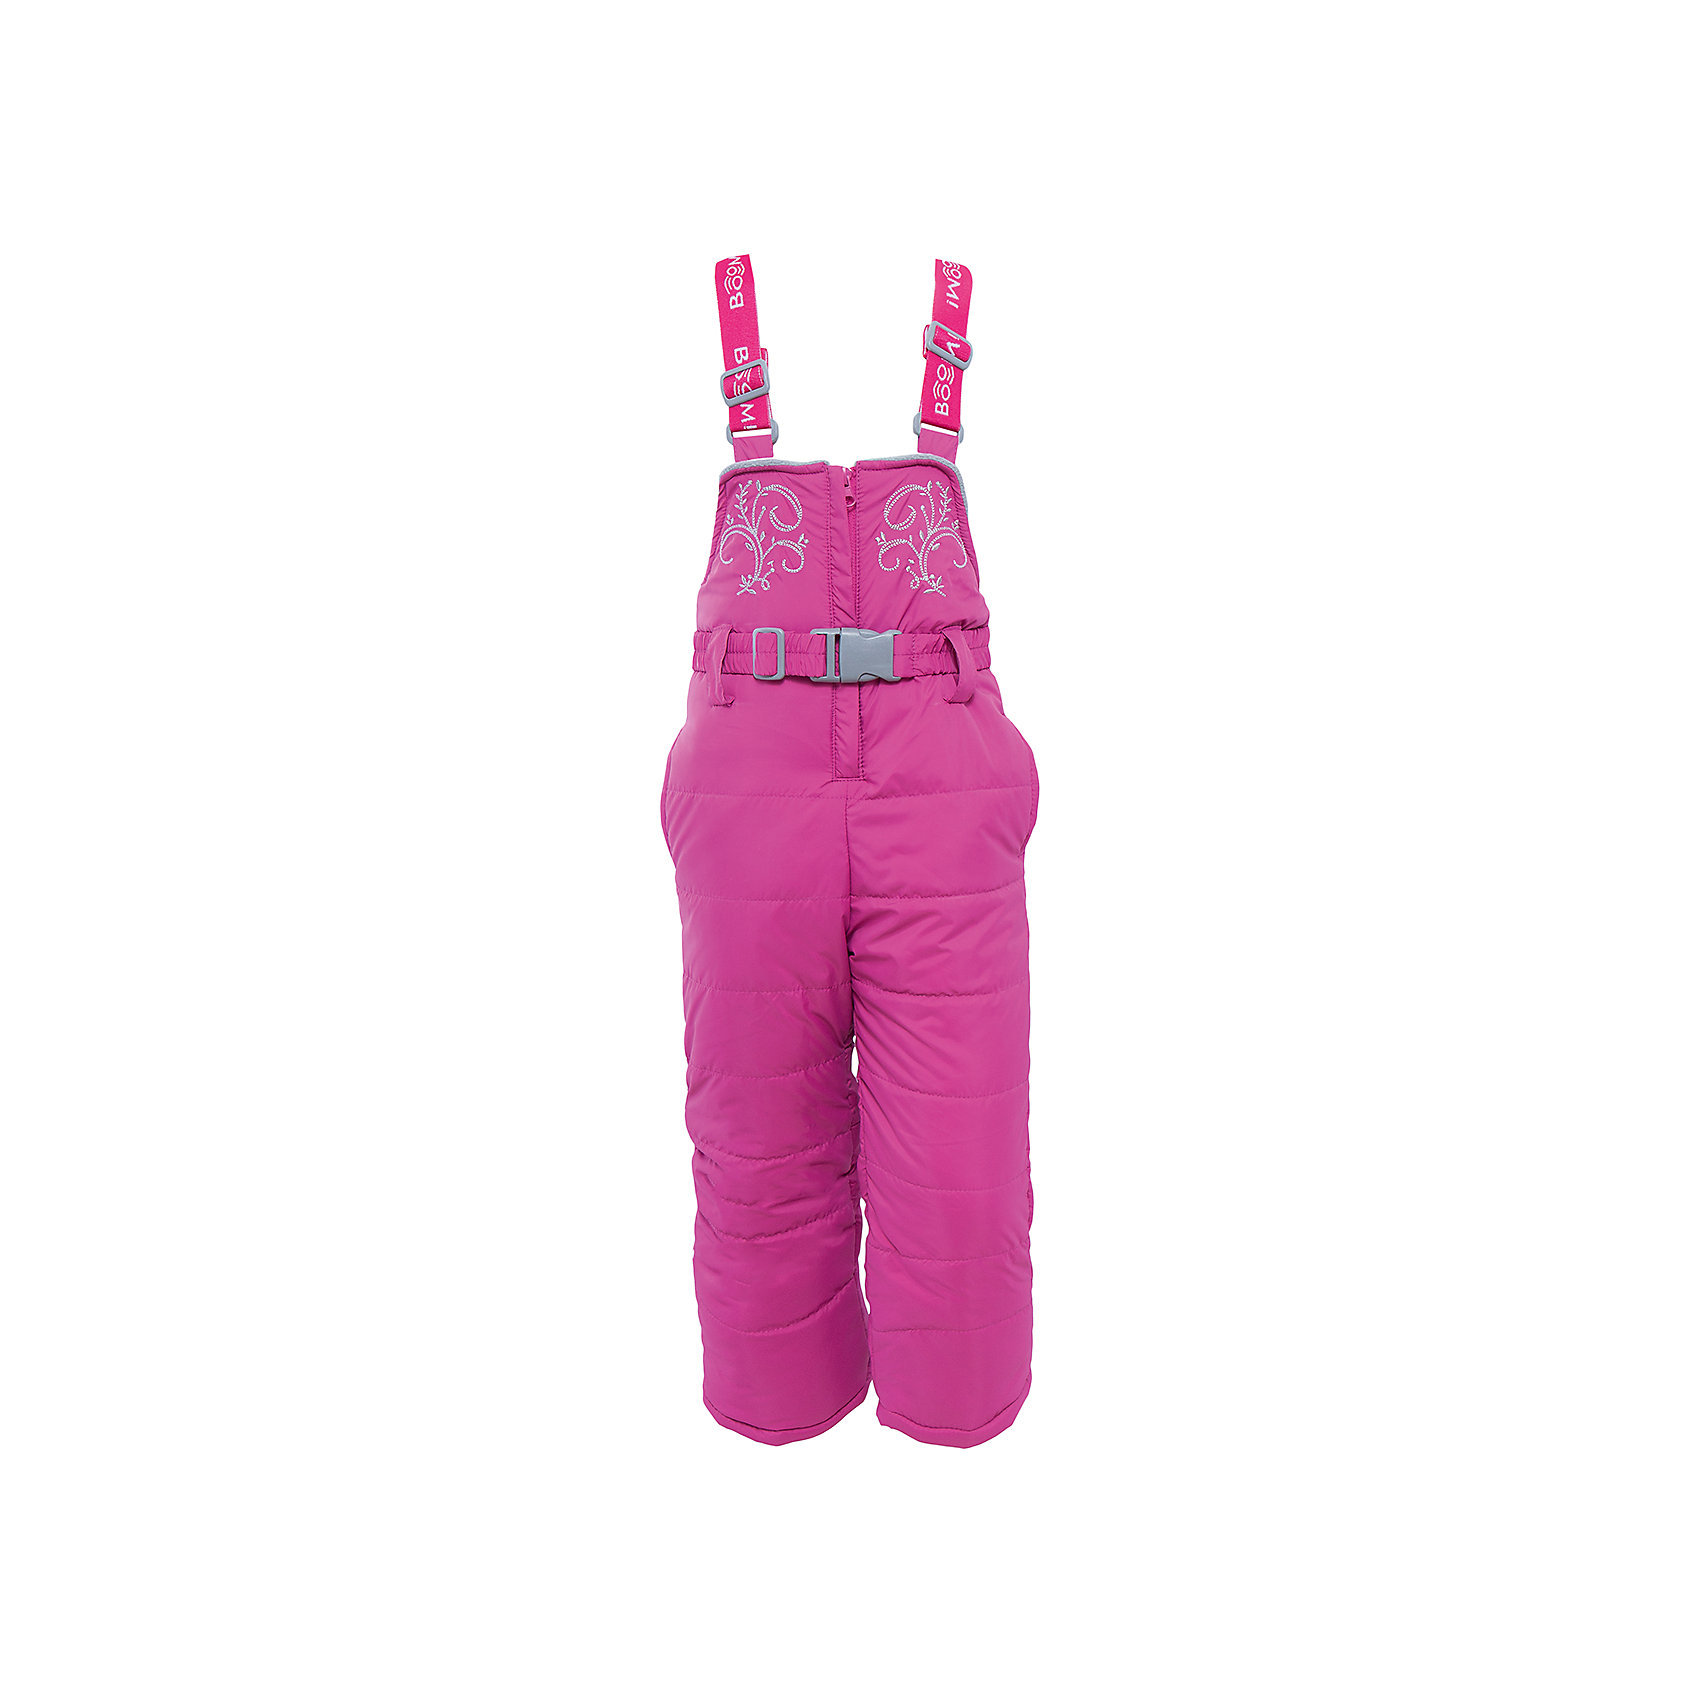 Полукомбинезон для девочки BOOM by OrbyВерхняя одежда<br>Характеристики изделия:<br><br>- материа л верха: 100% полиэстер;;<br>- подкладка: ПЭ, флис;<br>- утеплитель: эко-синтепон 200 г/м2; <br>- фурнитура: металл, пластик;<br>- застежка: молния;<br>- регулируемые лямки;<br>- эластичный пояс;<br>- вышивка;<br>- температурный режим до -30°С<br><br>В холодный сезон девочки хотят одеваться не только тепло, но и модно. Этот стильный и теплый полукомбинезон позволит ребенку наслаждаться зимним отдыхом, не боясь замерзнуть, и выглядеть при этом очень симпатично.<br>Изделие плотно сидит благодаря продуманному крою и надежным застежкам. Оно смотрится очень эффектно благодаря красивой вышивке. Полукомбинезон дополнен карманами и эластичным поясом.<br><br>Полукомбинезон для девочки от бренда BOOM by Orby можно купить в нашем магазине.<br><br>Ширина мм: 215<br>Глубина мм: 88<br>Высота мм: 191<br>Вес г: 336<br>Цвет: розовый<br>Возраст от месяцев: 24<br>Возраст до месяцев: 36<br>Пол: Женский<br>Возраст: Детский<br>Размер: 98,128,122,116,104,134,110,92<br>SKU: 4982627